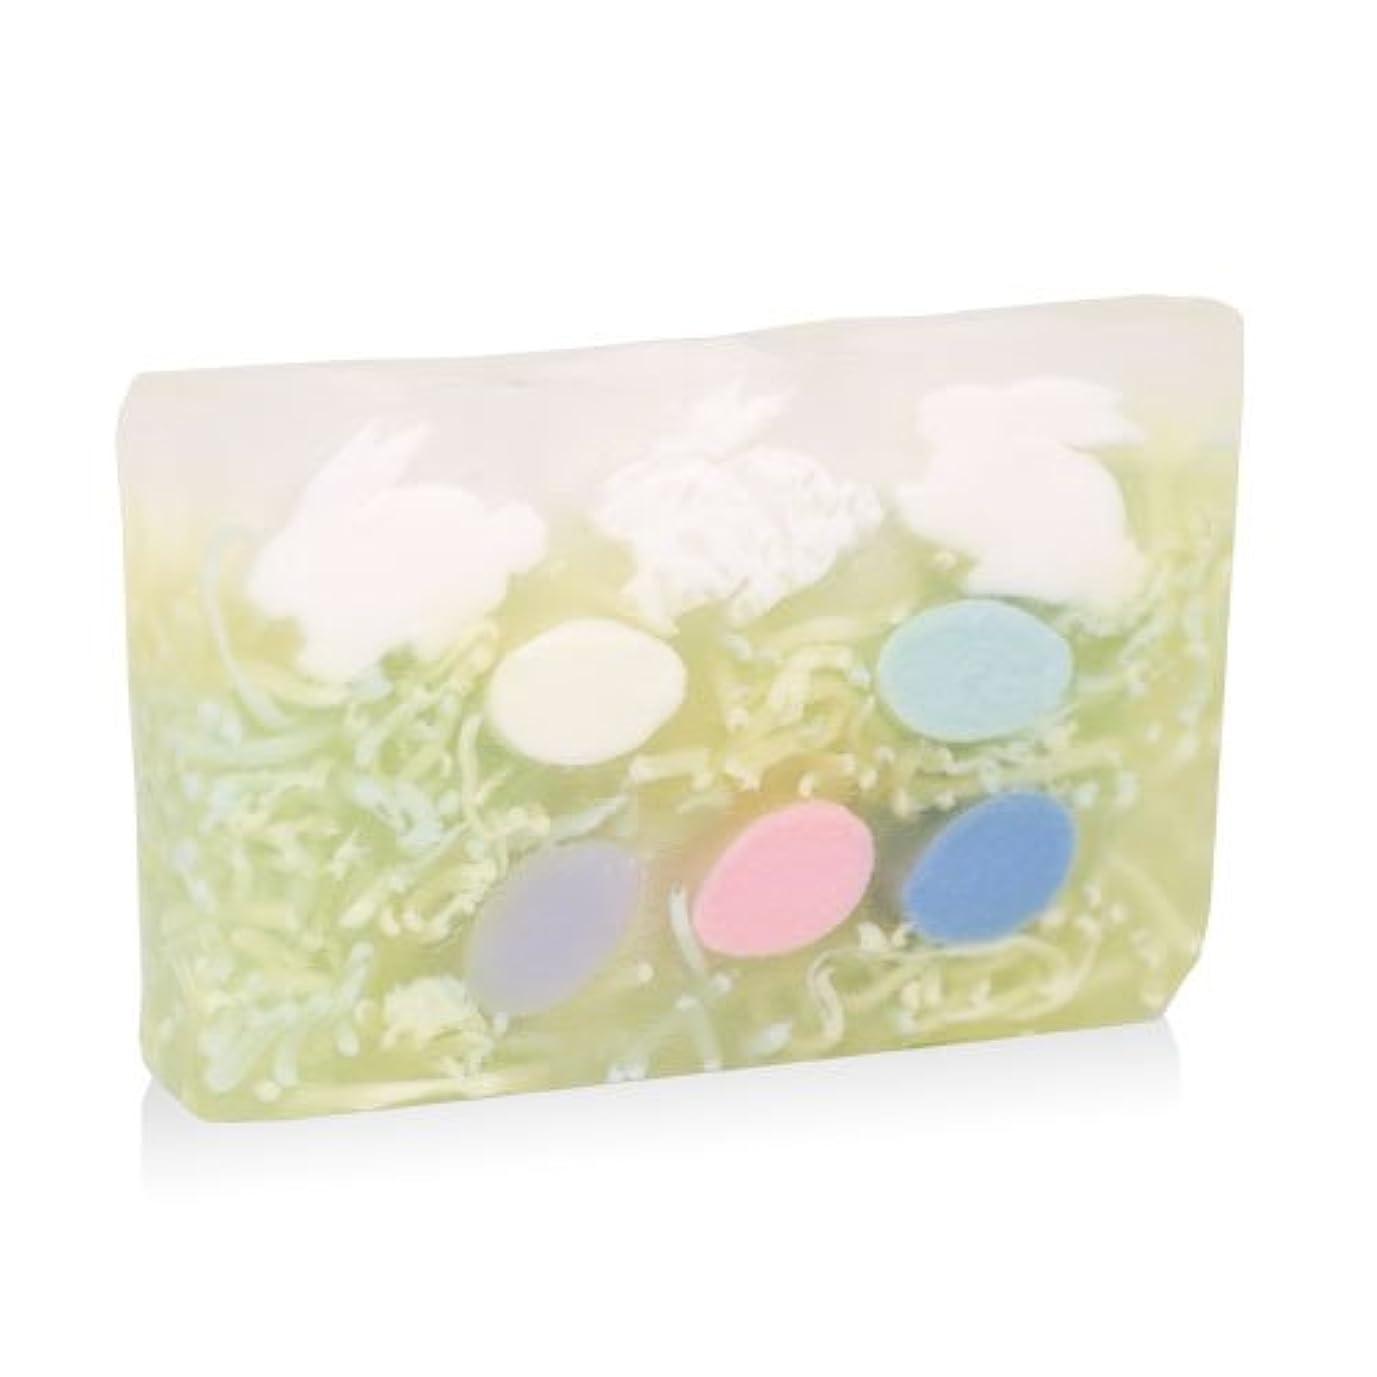 子豚ギャップ人形プライモールエレメンツ アロマティック ソープ スプリングフラワー 180g 植物性 ナチュラル 石鹸 無添加